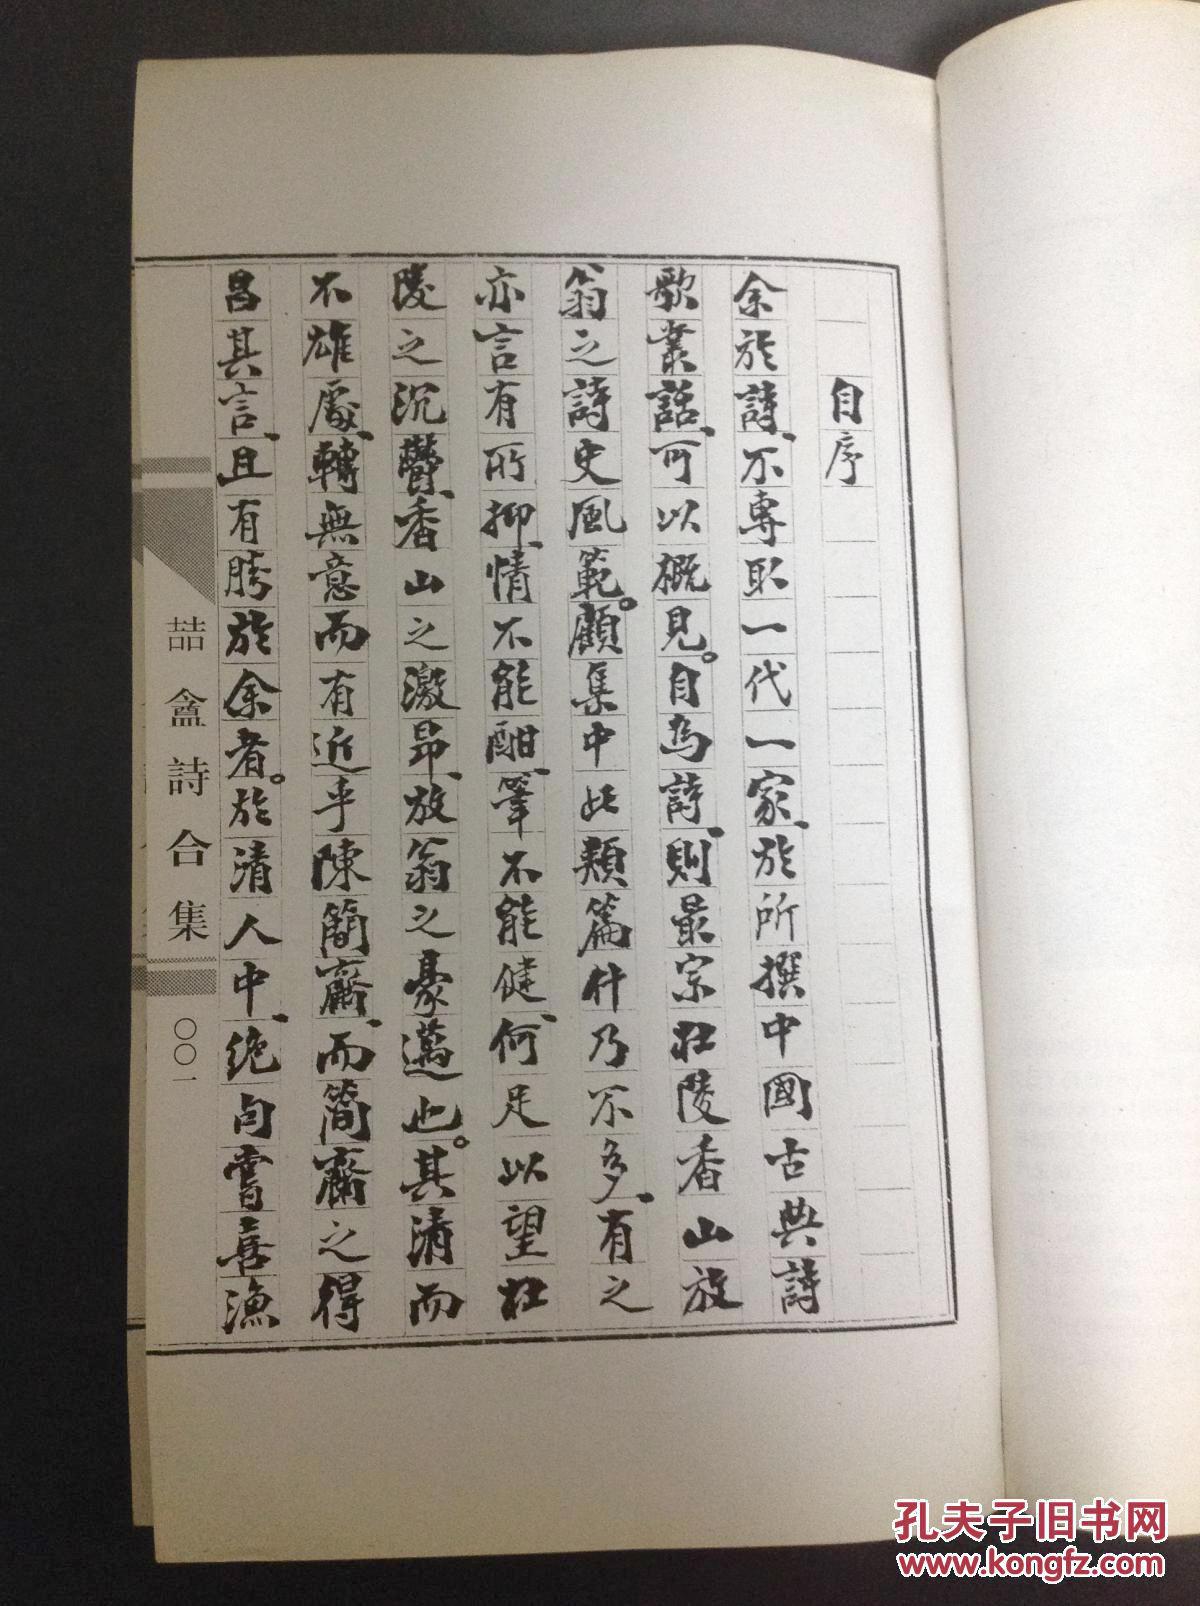 喆盦诗合集 书影2